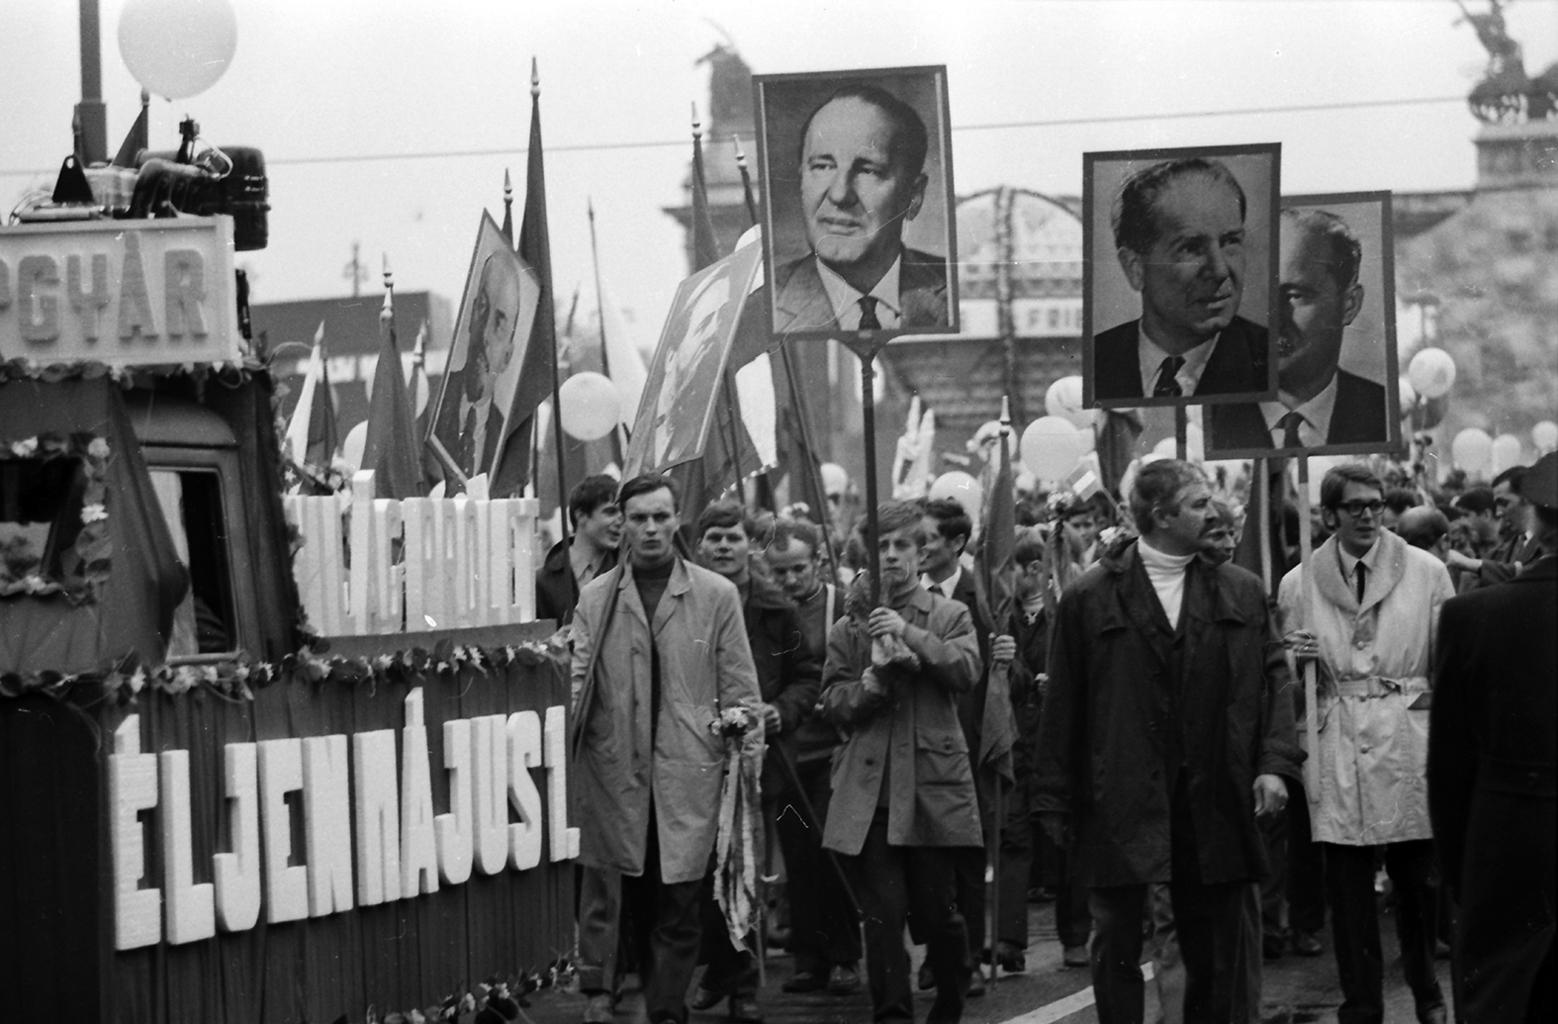 Május 1-jei felvonulá Budapesten 1978-ban a Felvonulási téren #moszkvater